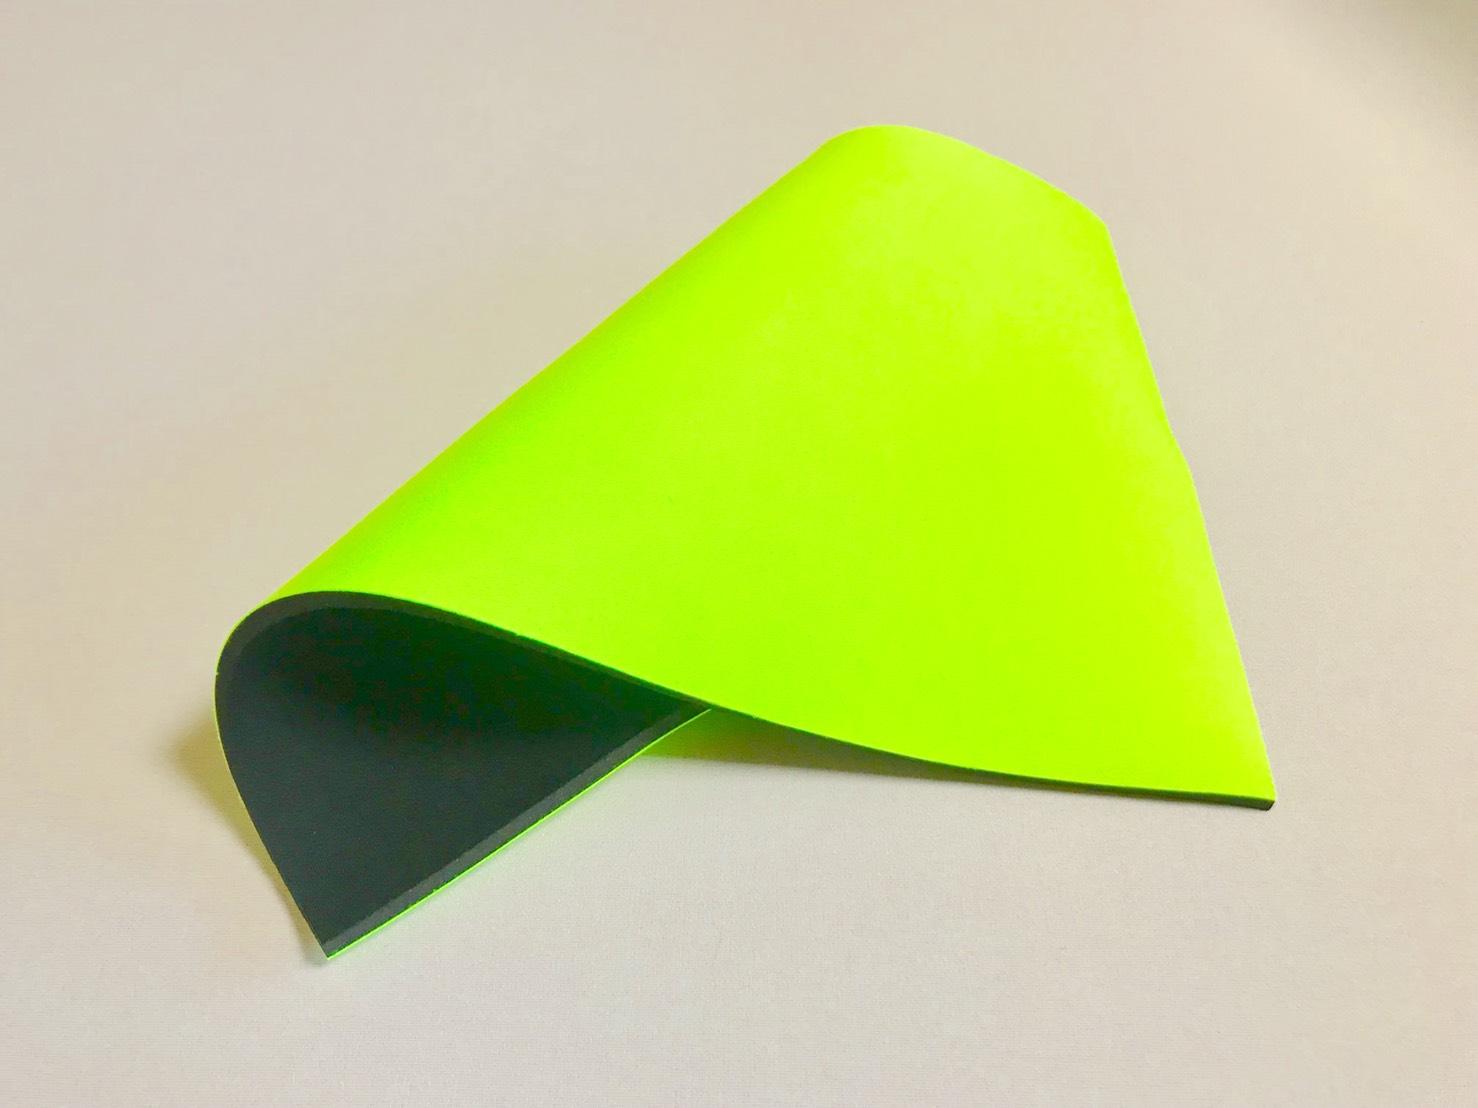 ネオプレーン生地両面ジャージ(カラー)3mm厚・110cm×60cm